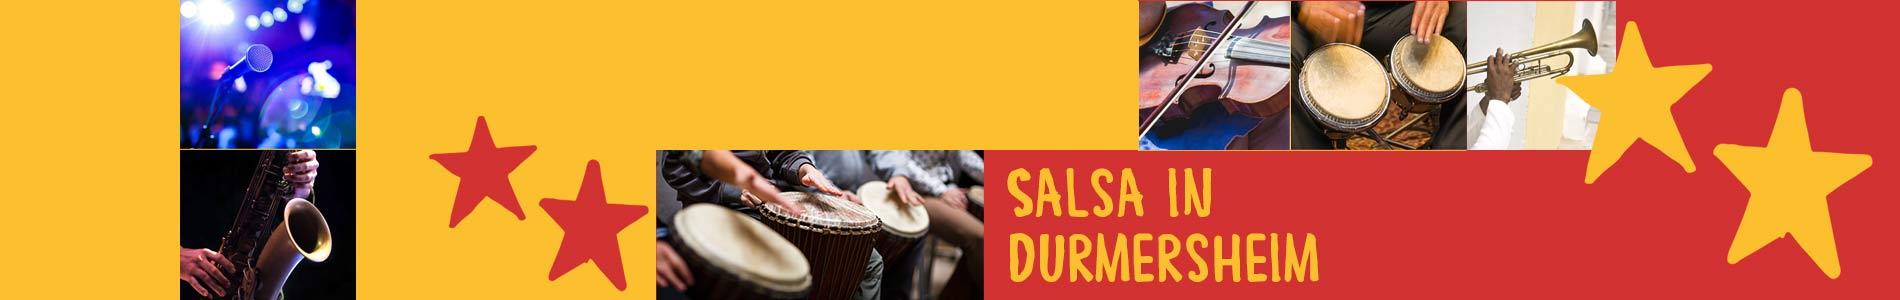 Salsa in Durmersheim – Salsa lernen und tanzen, Tanzkurse, Partys, Veranstaltungen